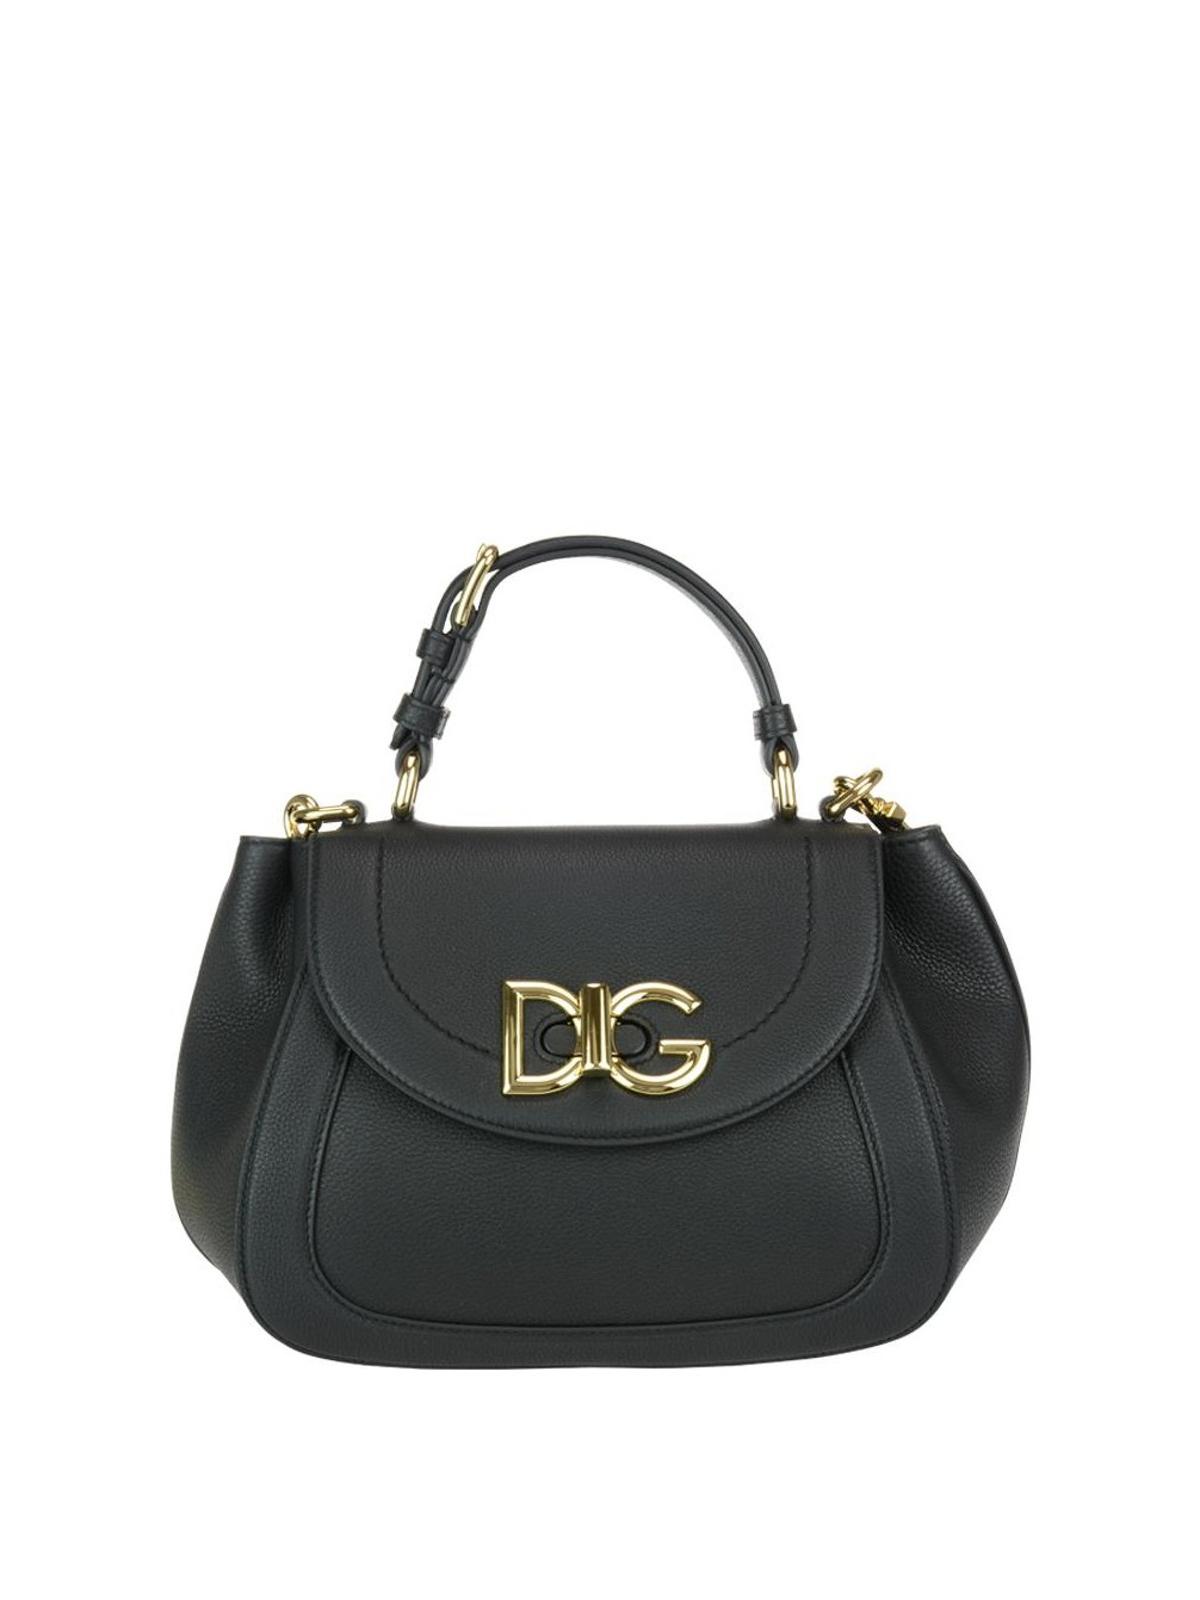 Dolce & Gabbana Black Wifi grainy leather bag 1f2SSJZ